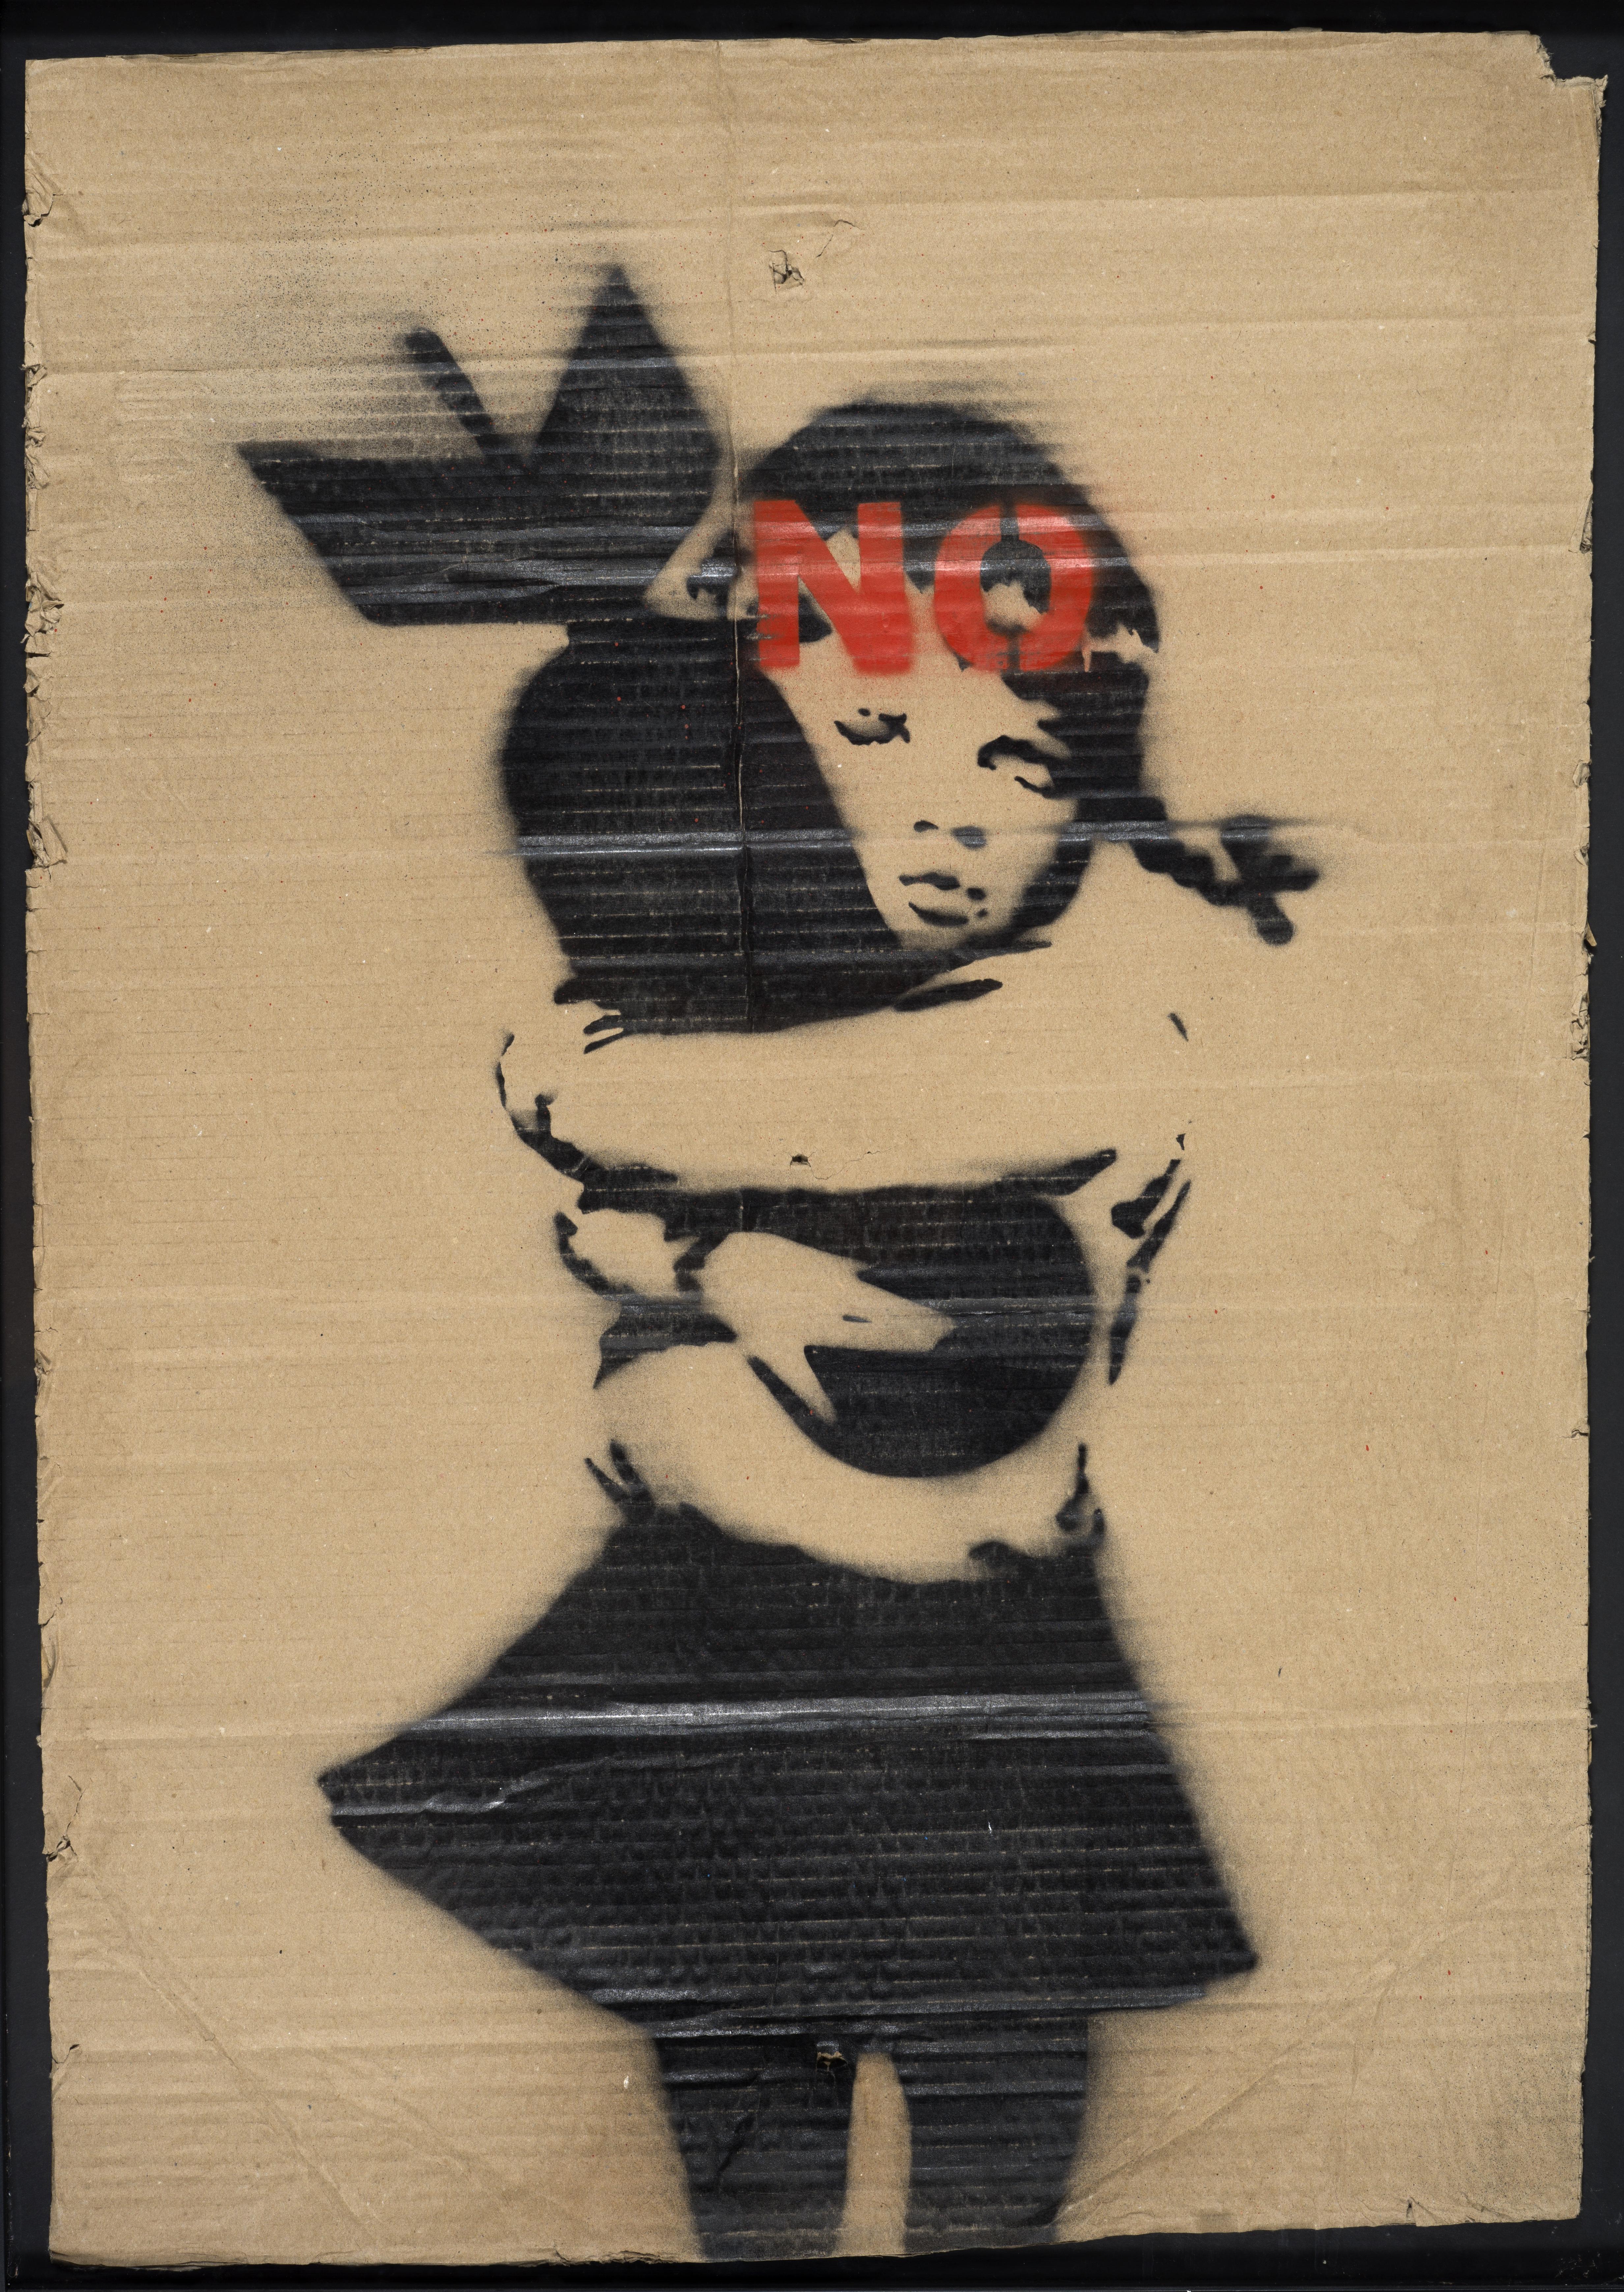 Lot 19 - BANKSY (1974) - Bomb Hugger, No, 2003 - Aérosol et pochoir sur carton - 78 x 55 cm [...]